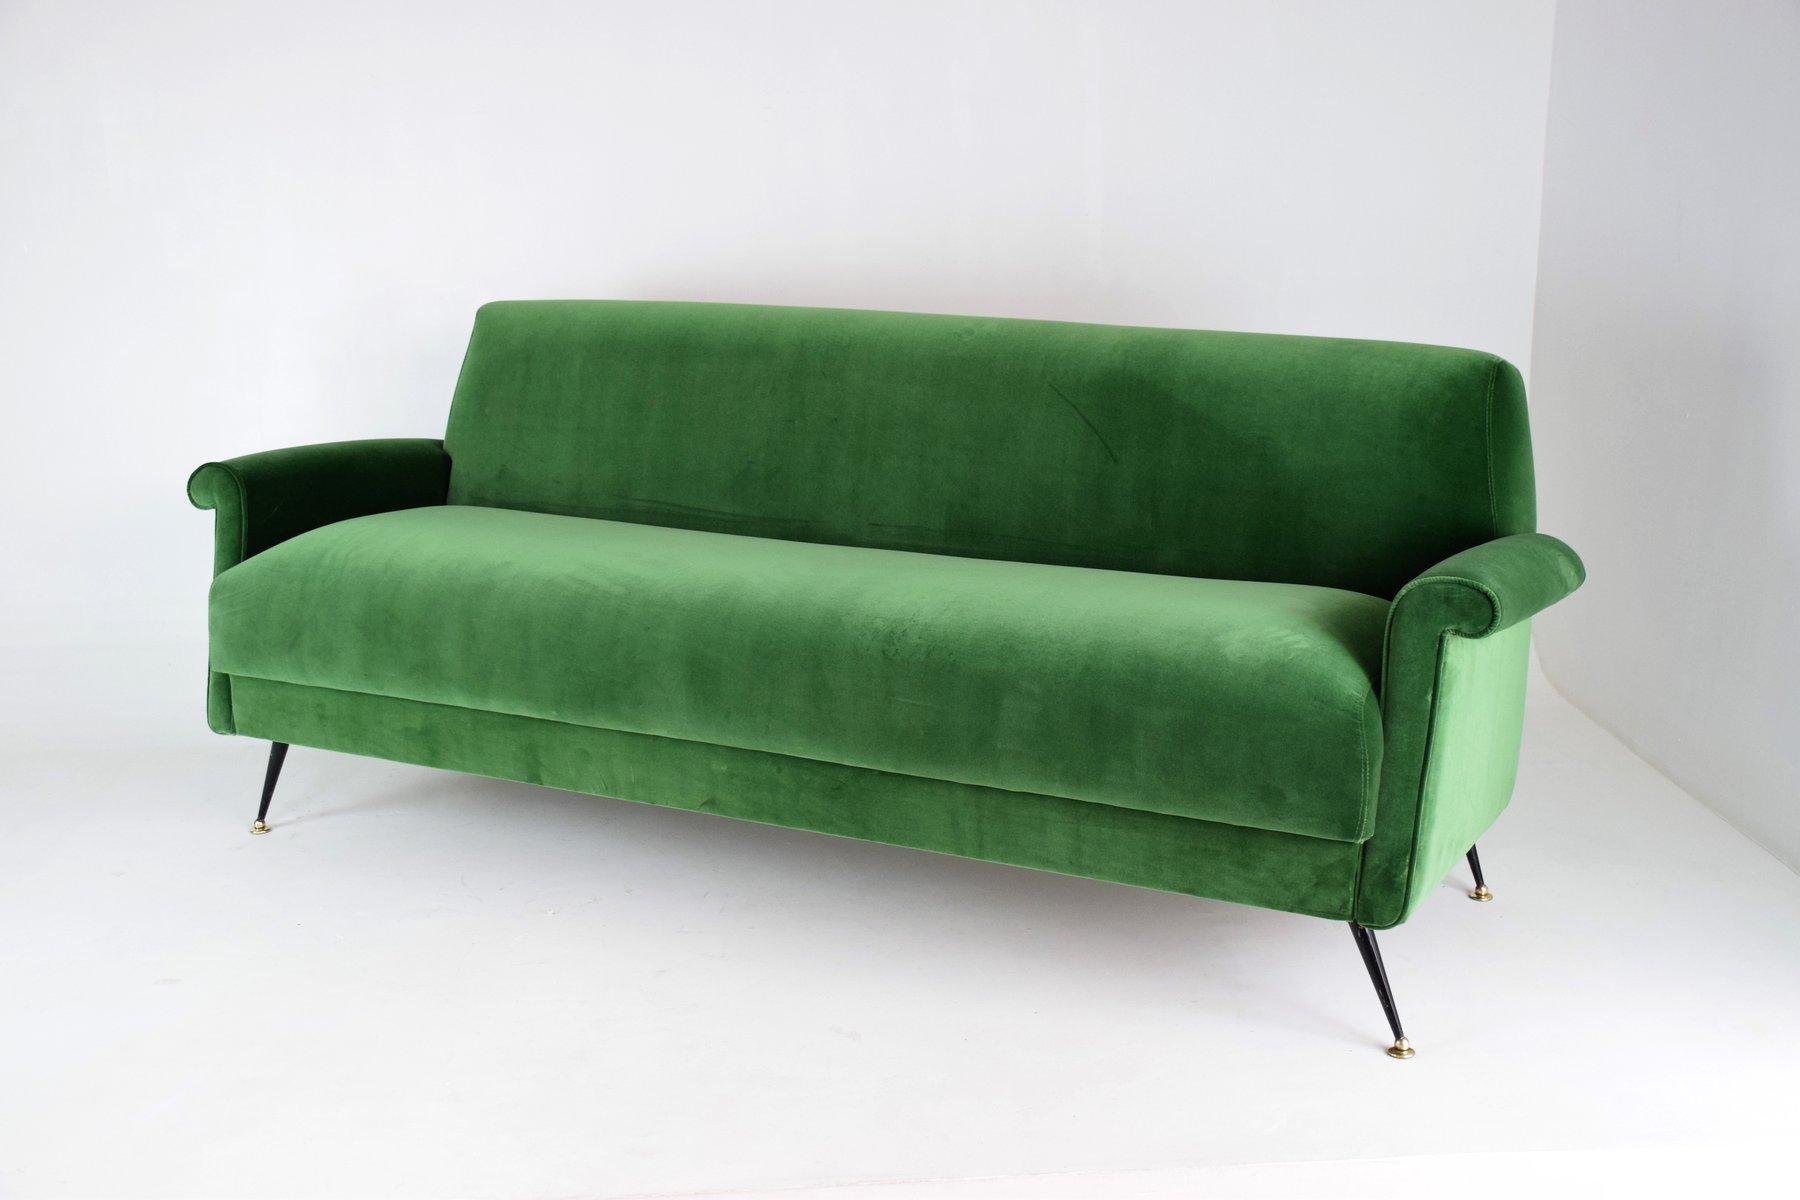 gr nes italienischer mid century samt sofa bei pamono kaufen. Black Bedroom Furniture Sets. Home Design Ideas